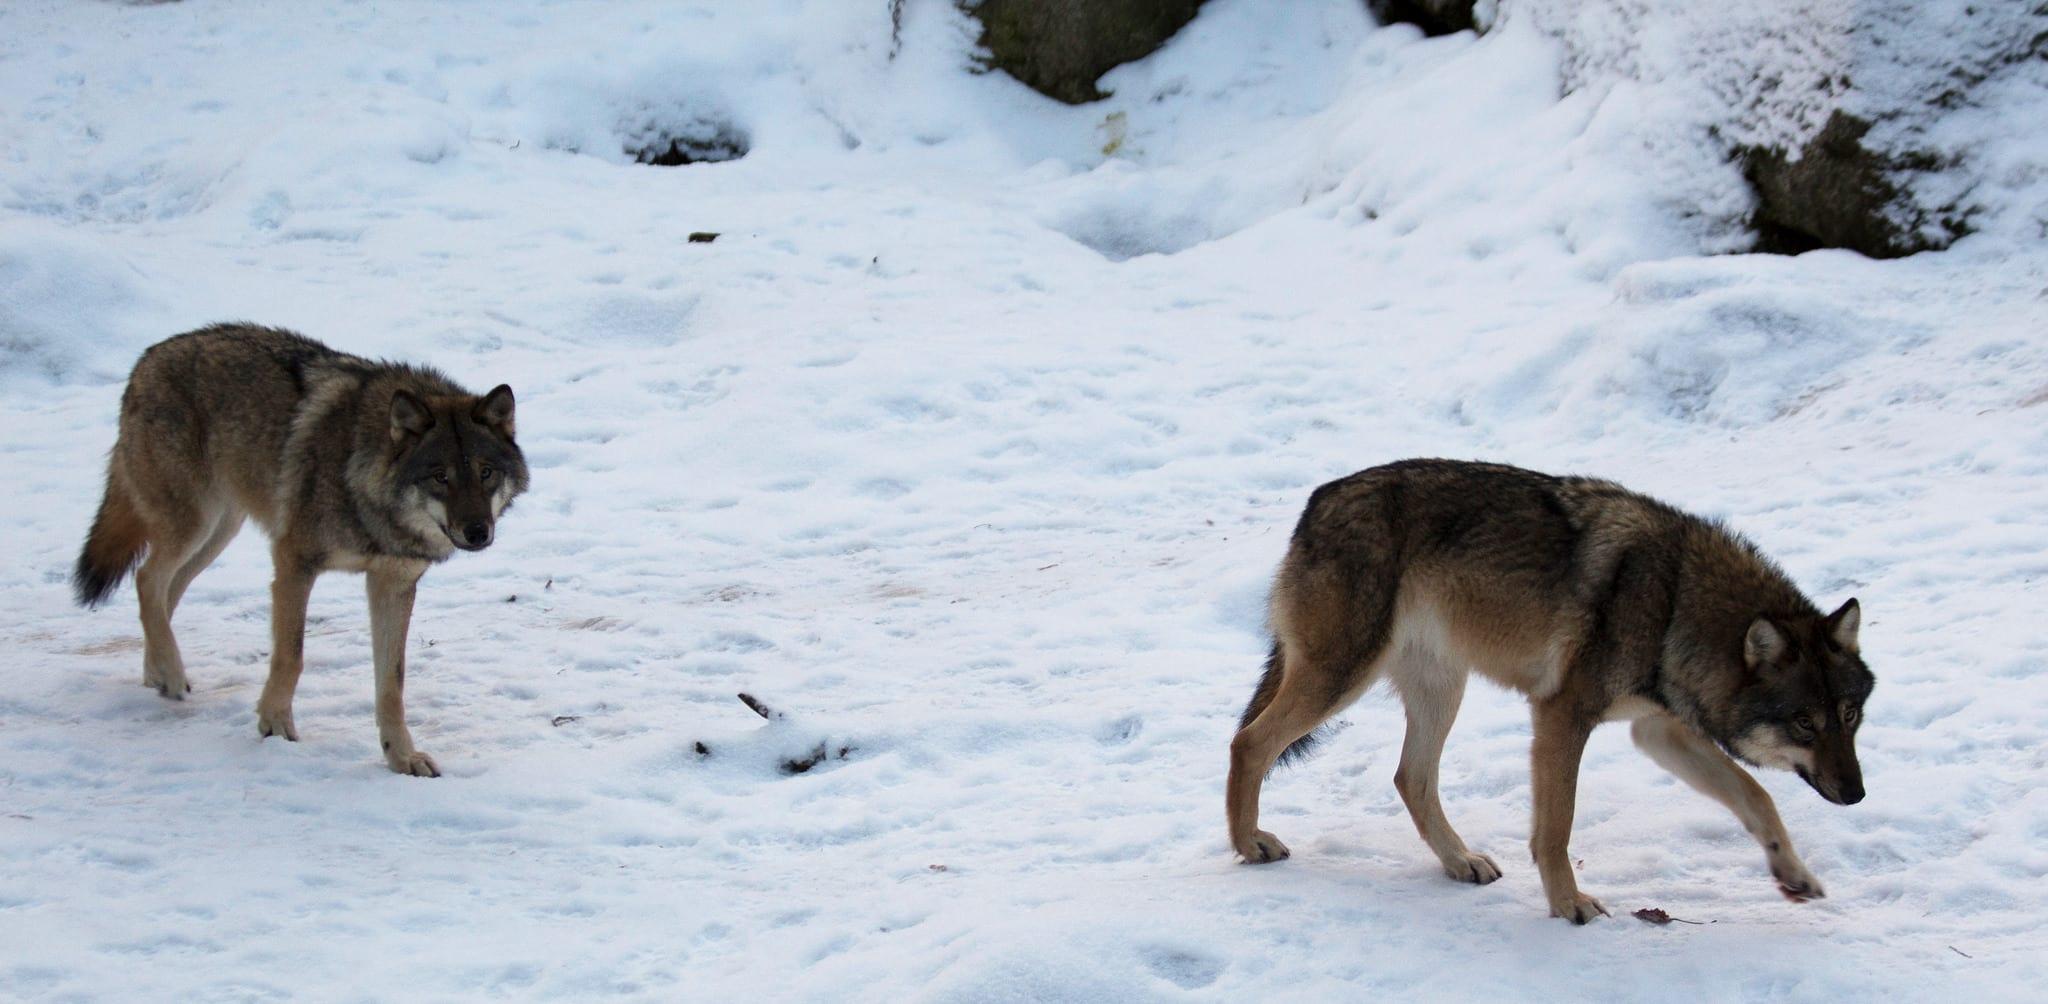 Stäm staten på ersättning för ekonomiska förluster på grund av varg, tycker insändarskribenten. Foto i Lycksele djurpark: Lars Nilsson